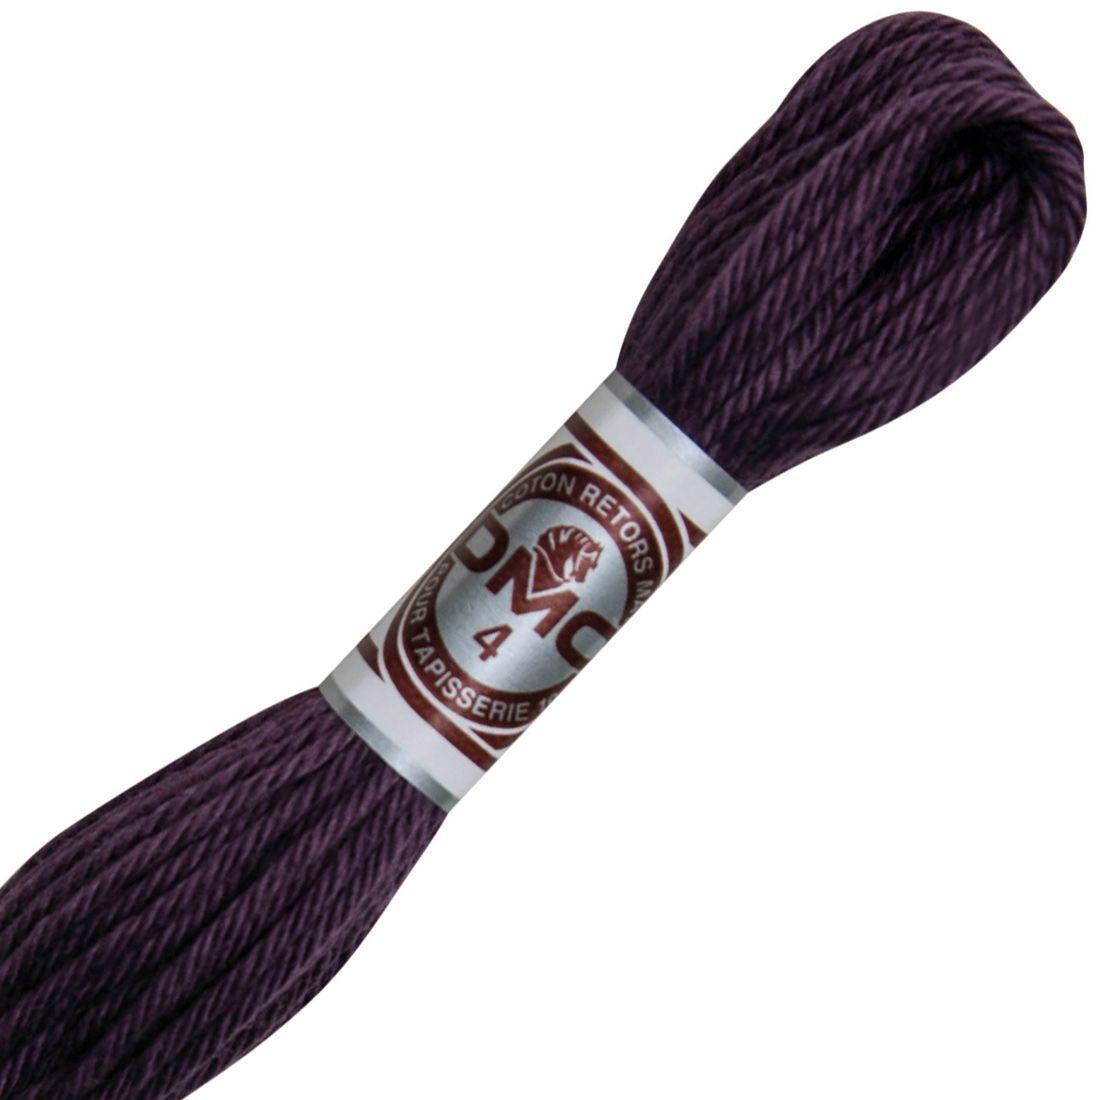 Fil retors mat canevas dmc n 2229 bleu violet